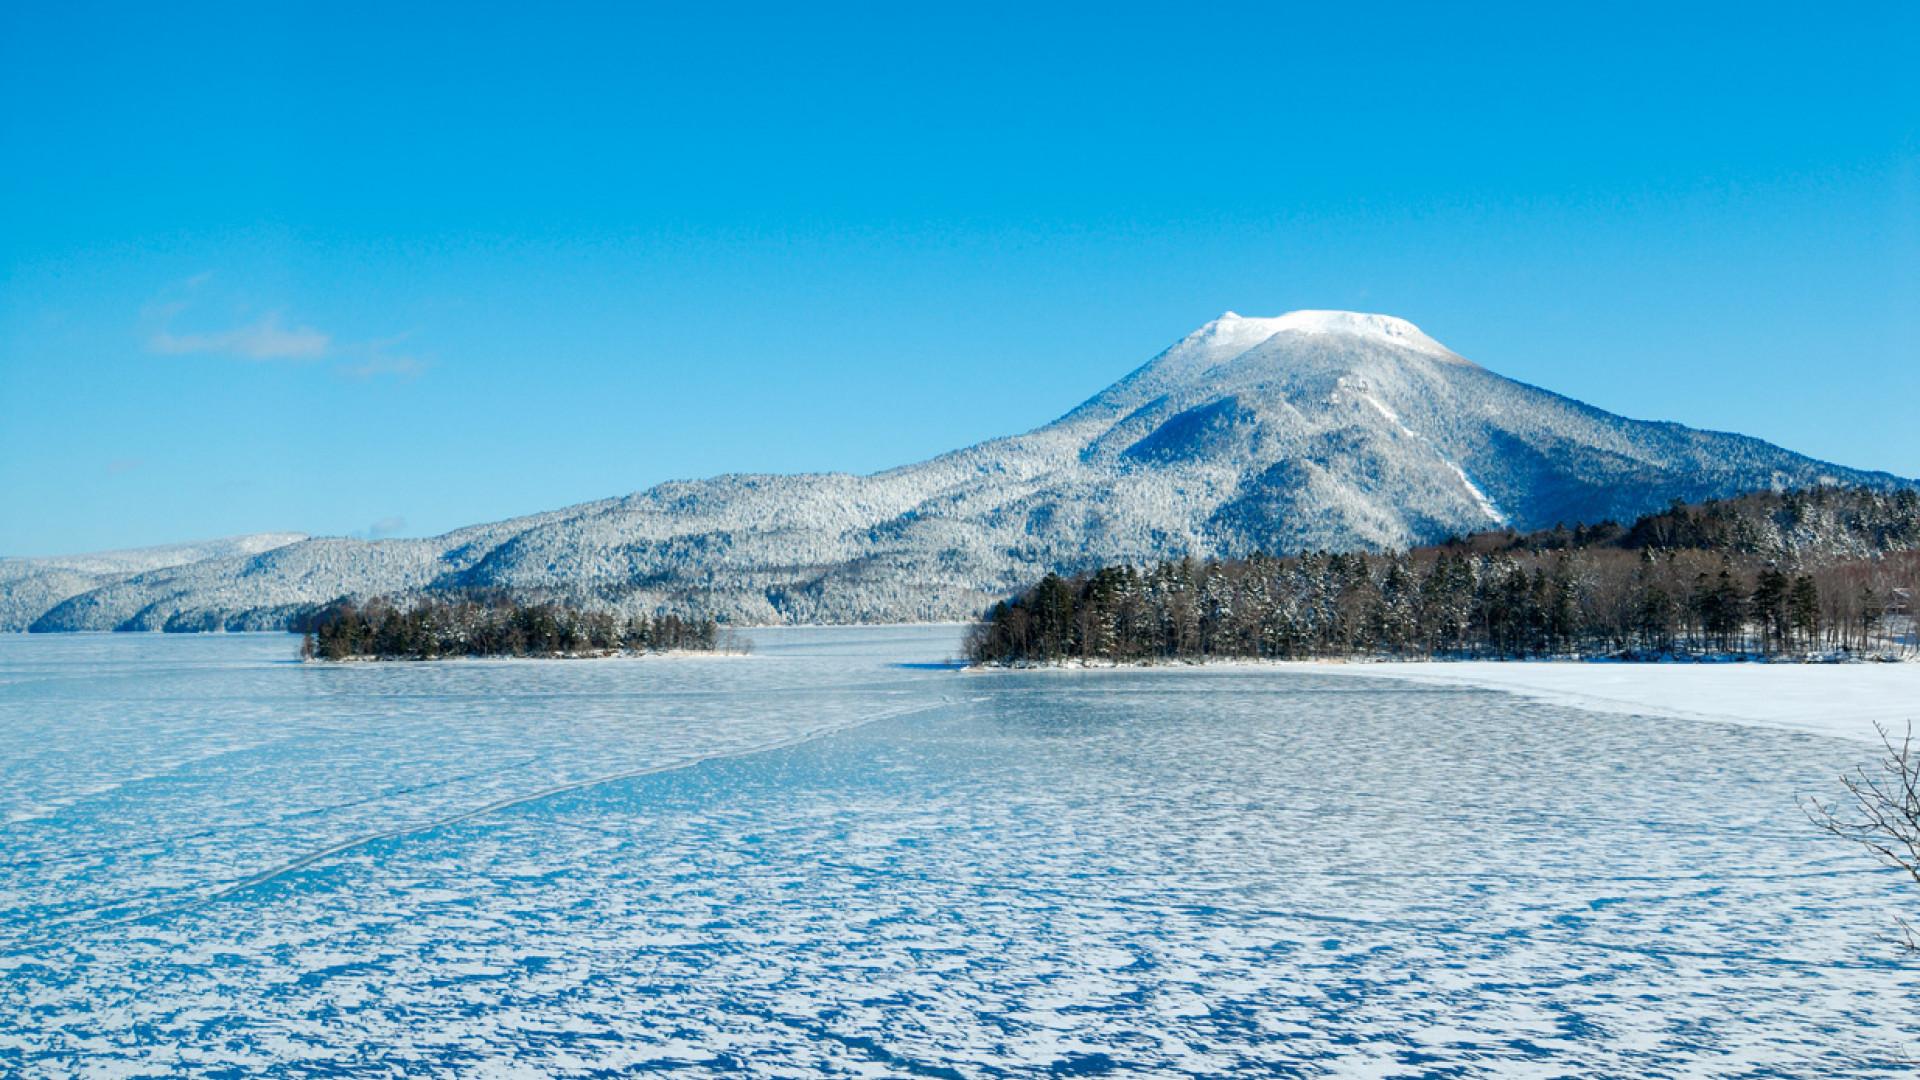 Frozen waters in mountainous Eastern Hokkaido, Japan